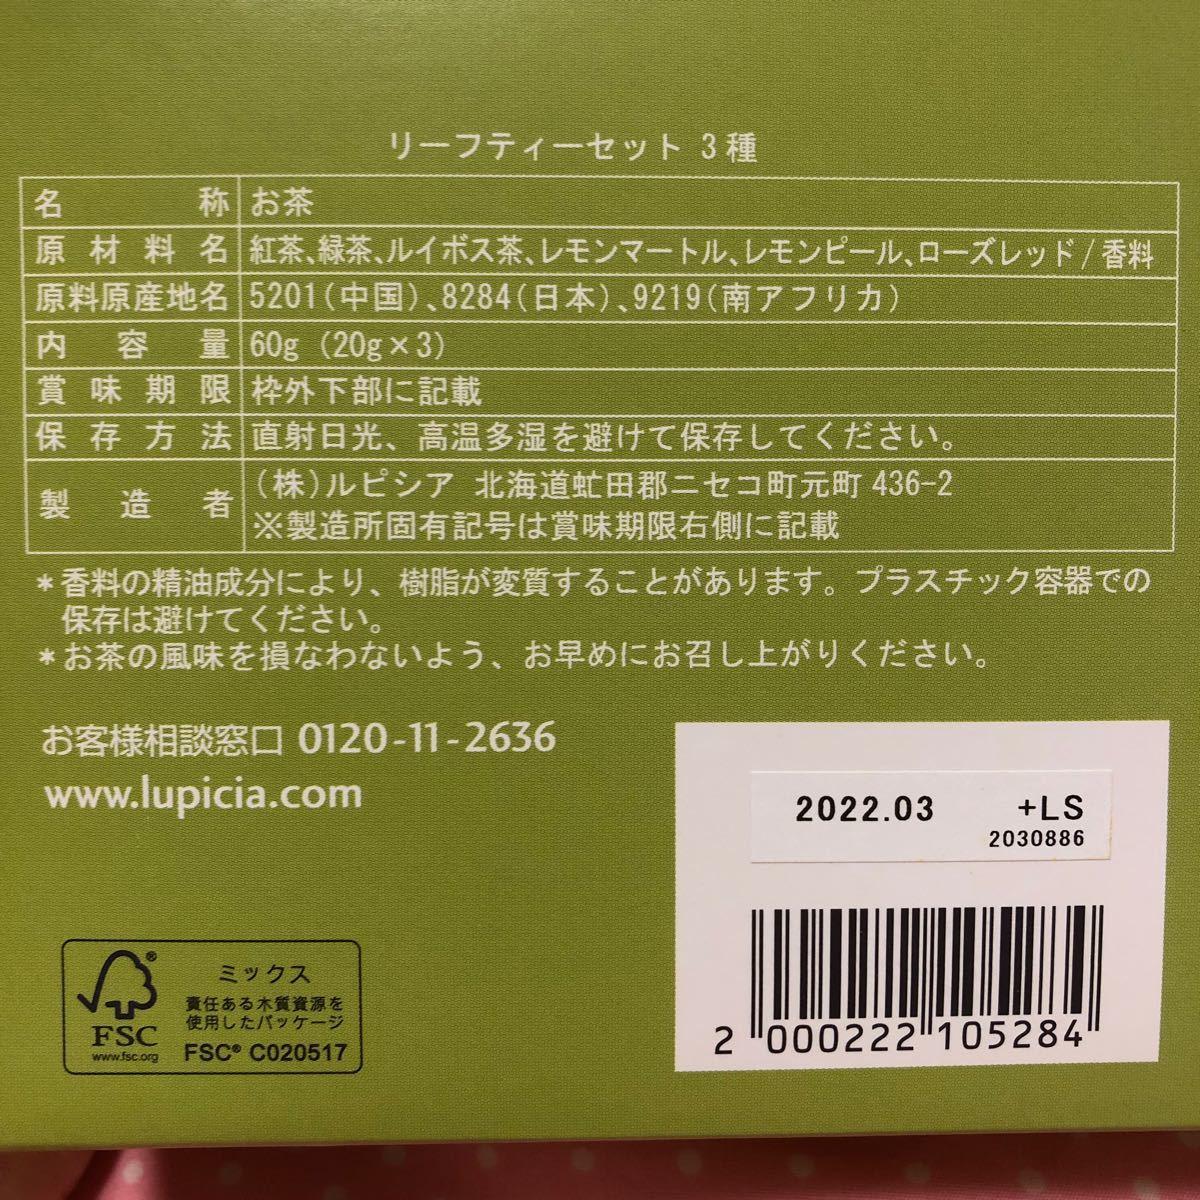 新品 ルピシア フレーバー アールグレイ 紅茶 リーフ 6袋 セット